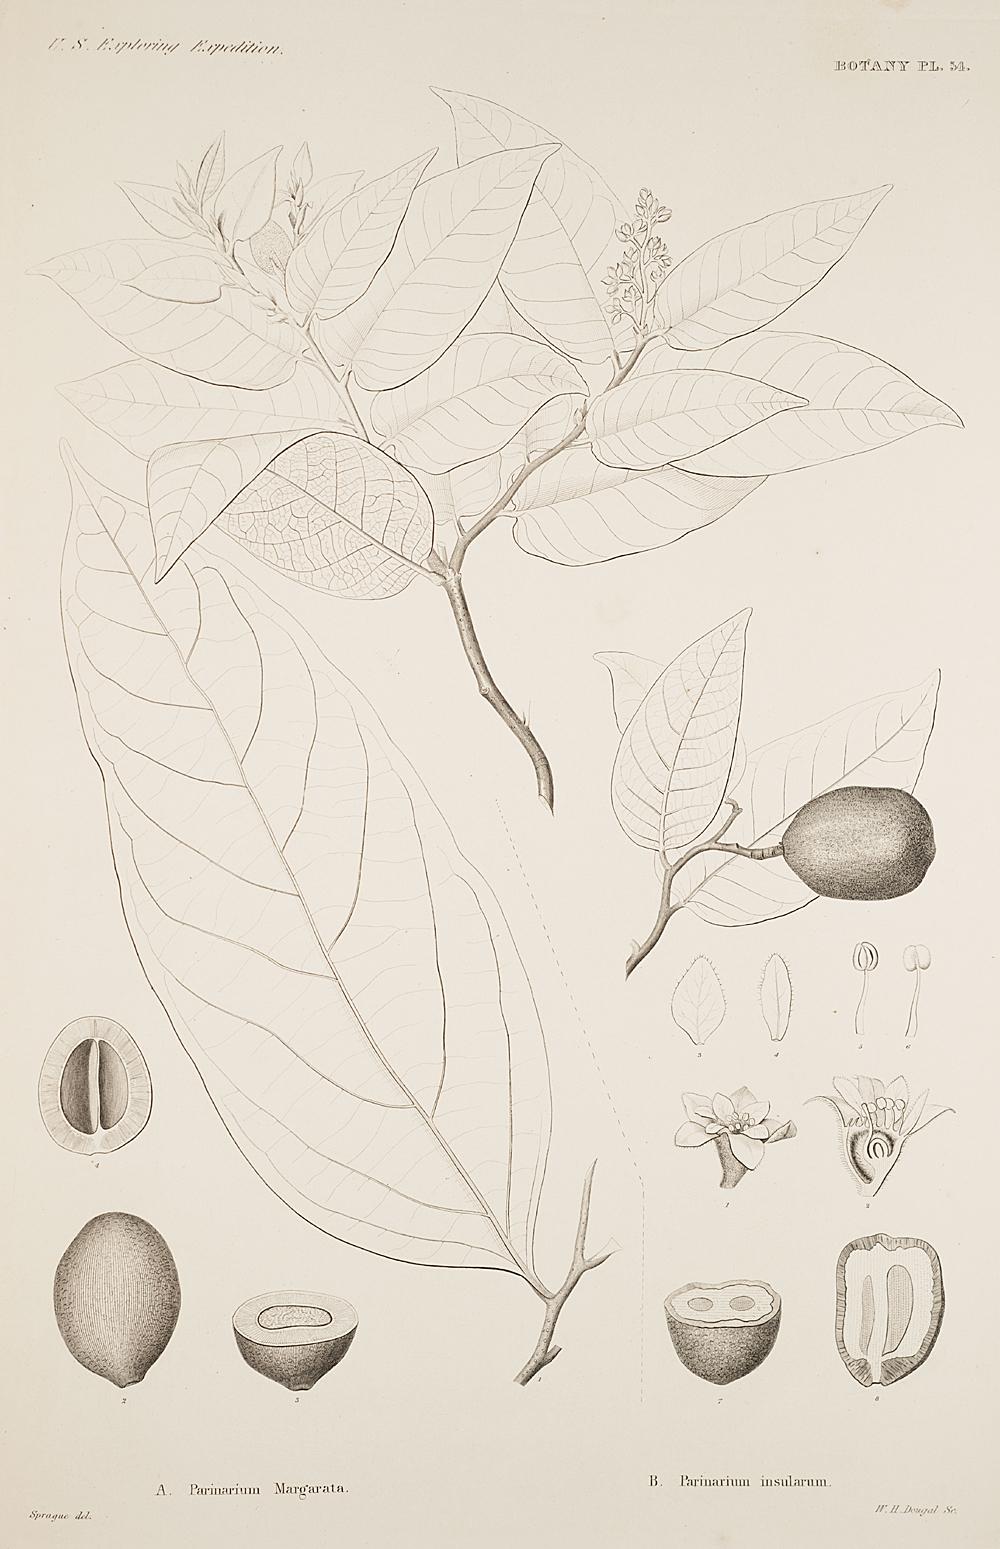 Botany, Pl. 54,  Image number:sil19-23-119b